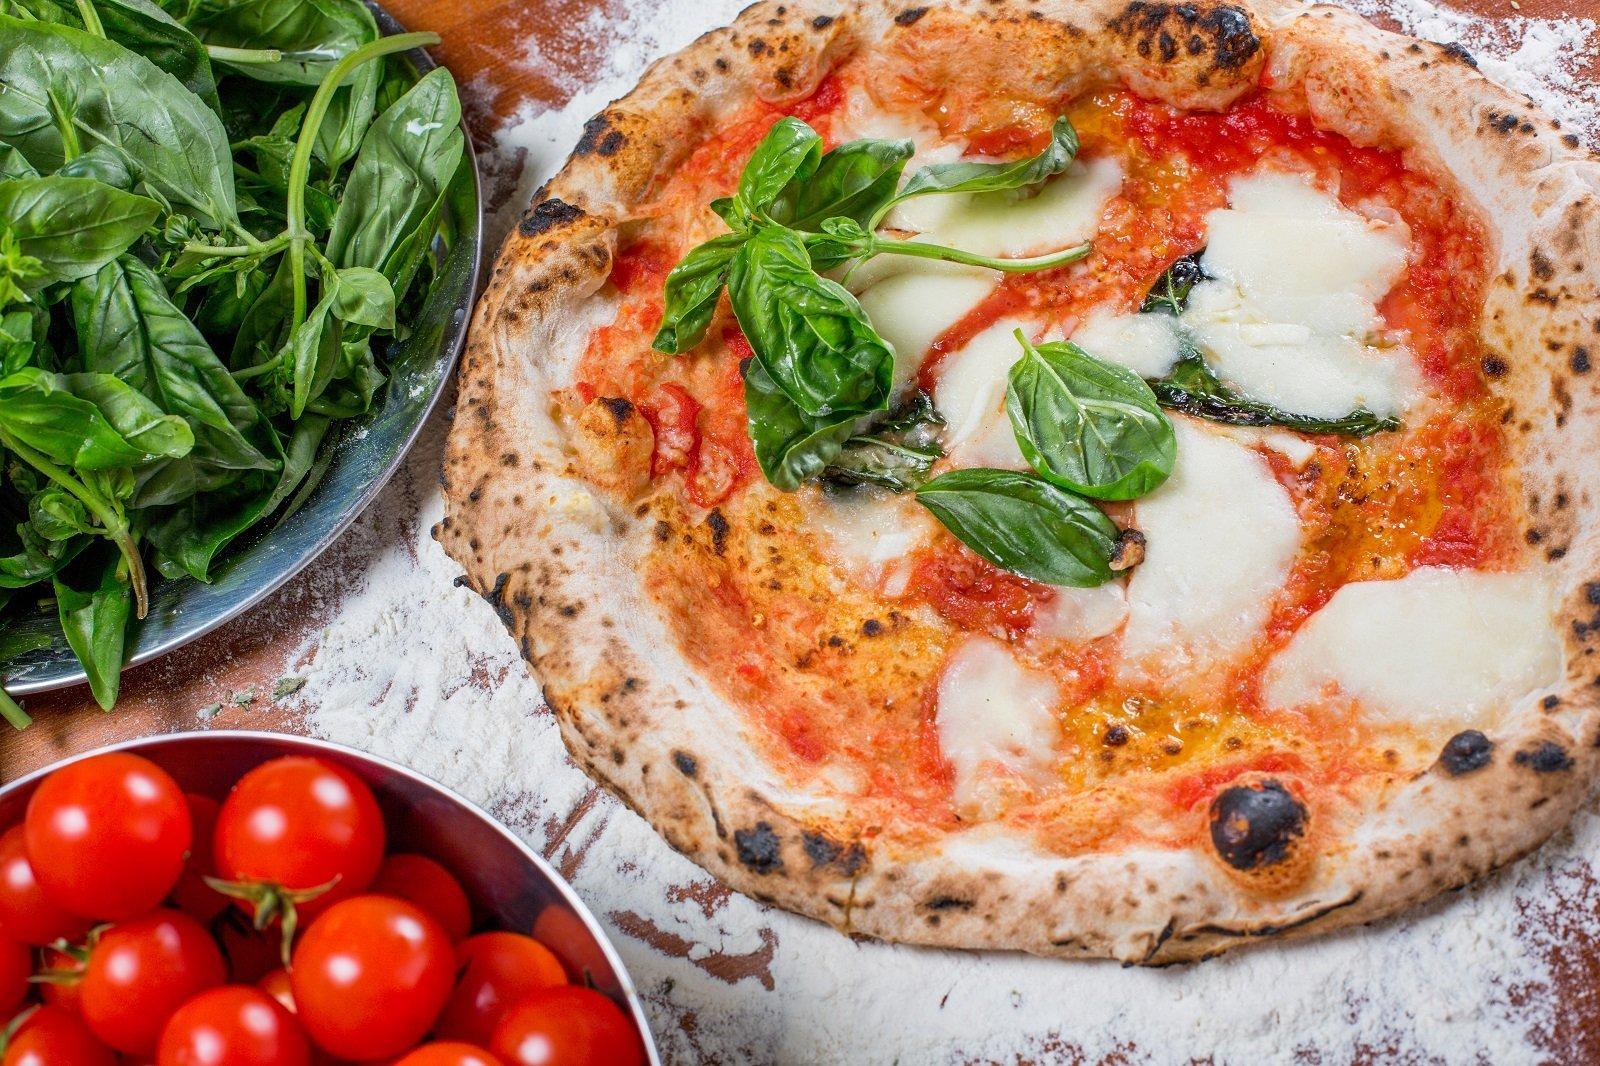 Pizza italiana tradizionale con mozzarella, pomodoro e basilico, su un tavolo in legno con gli ingredienti